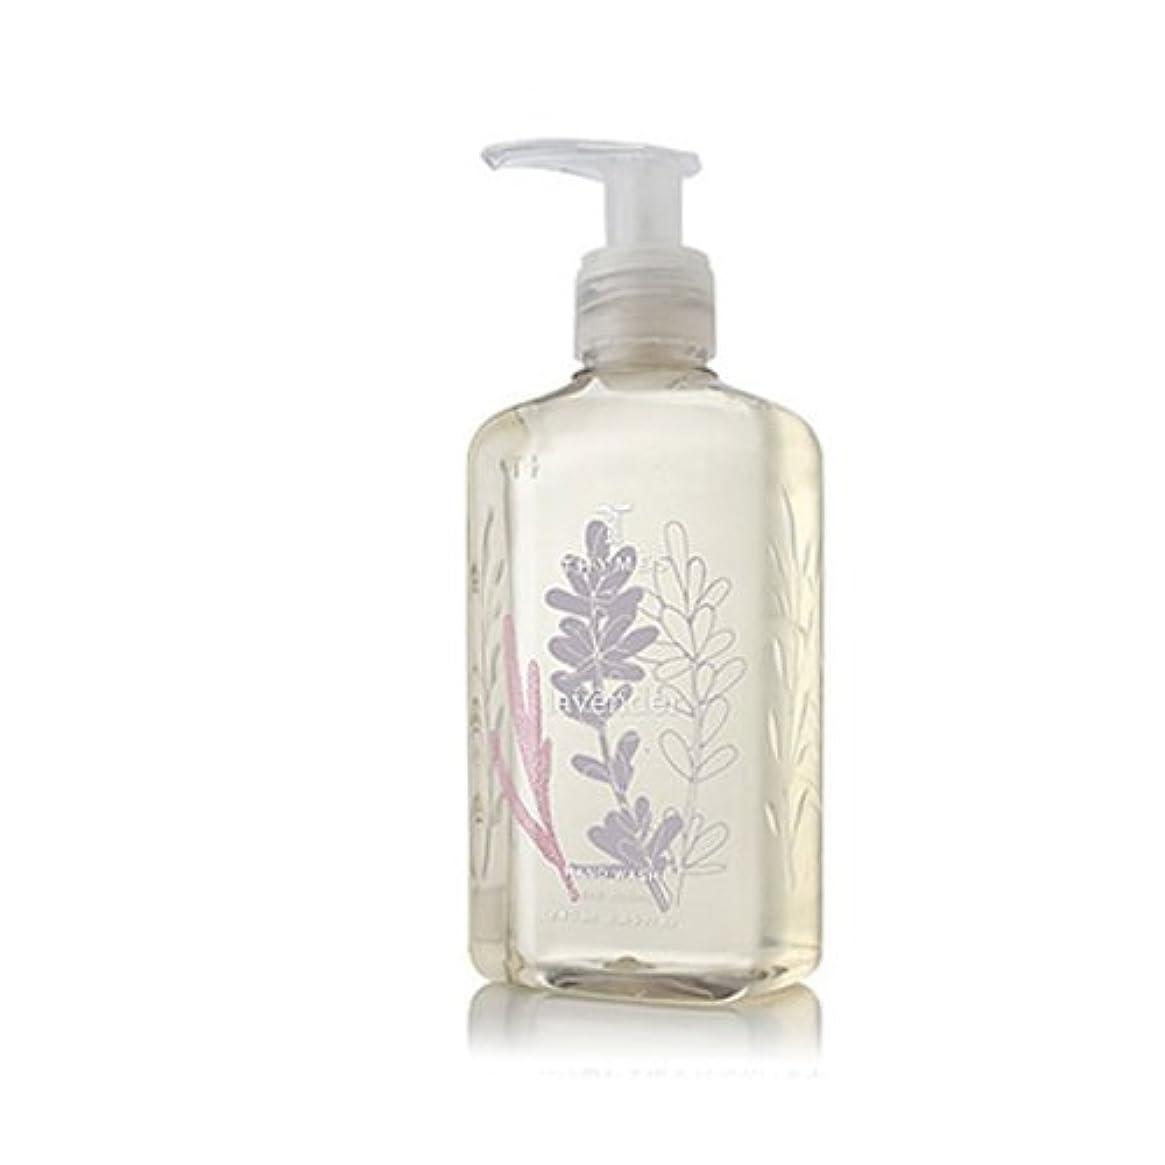 有害な死んでいるパンチTHYMES タイムズ ハンドウォッシュ 240ml ラベンダー Hand Wash 8.25 fl oz Lavender [並行輸入品]